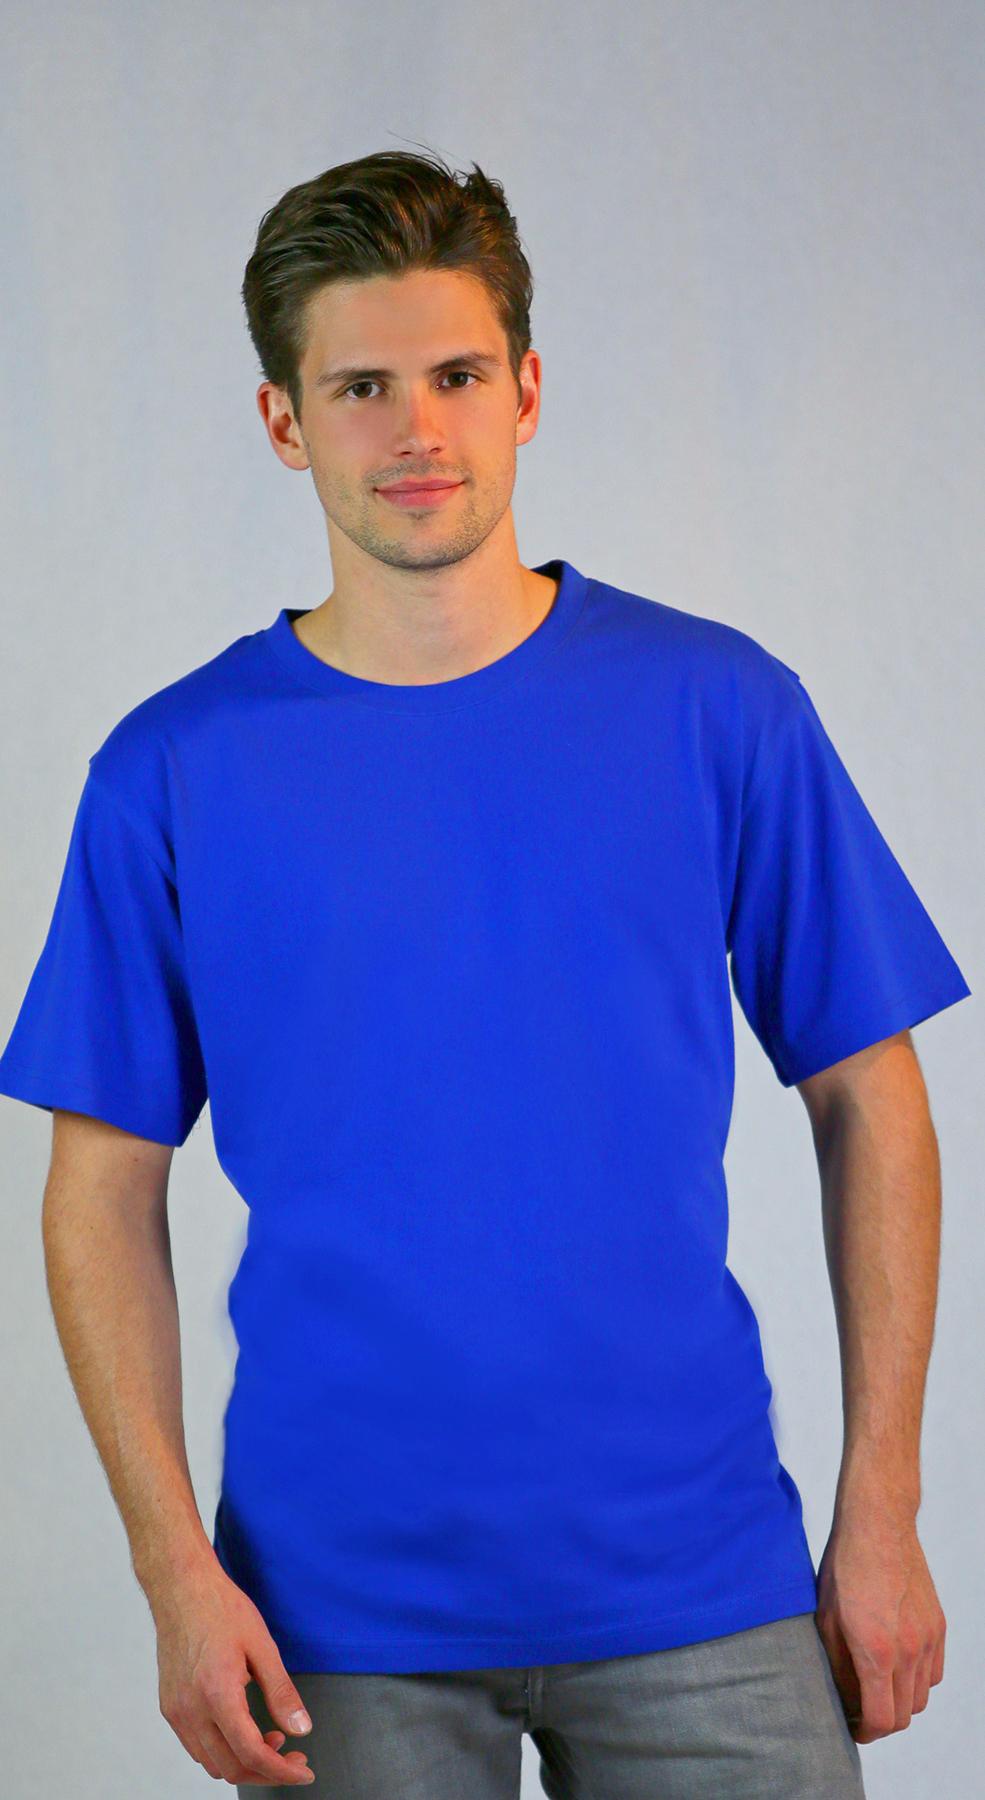 Monag 543001 - Short Sleeve Crew Neck Tee